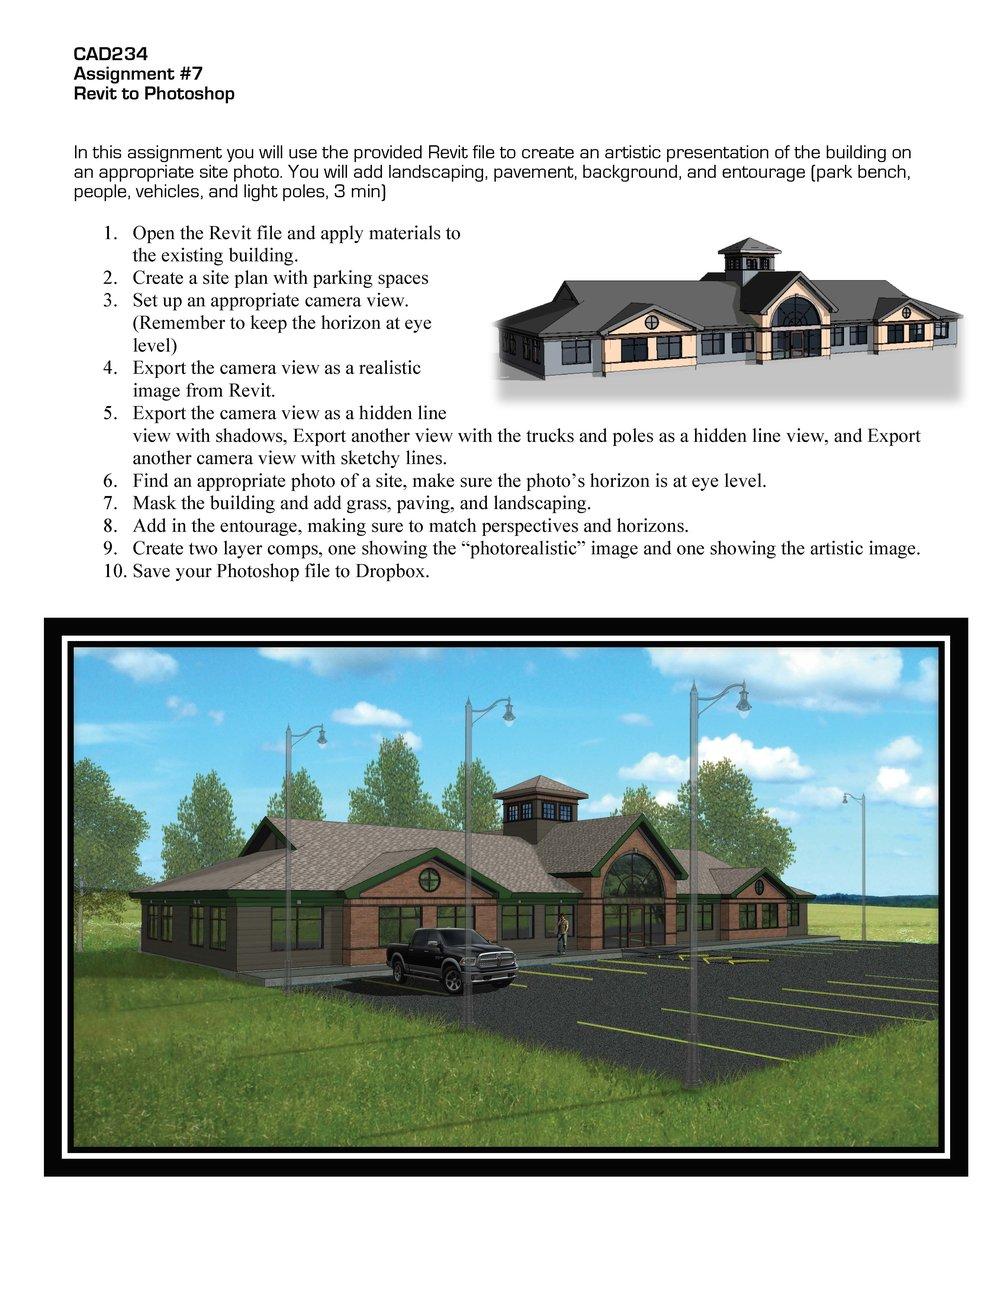 CAD234 assignment7-16.jpg